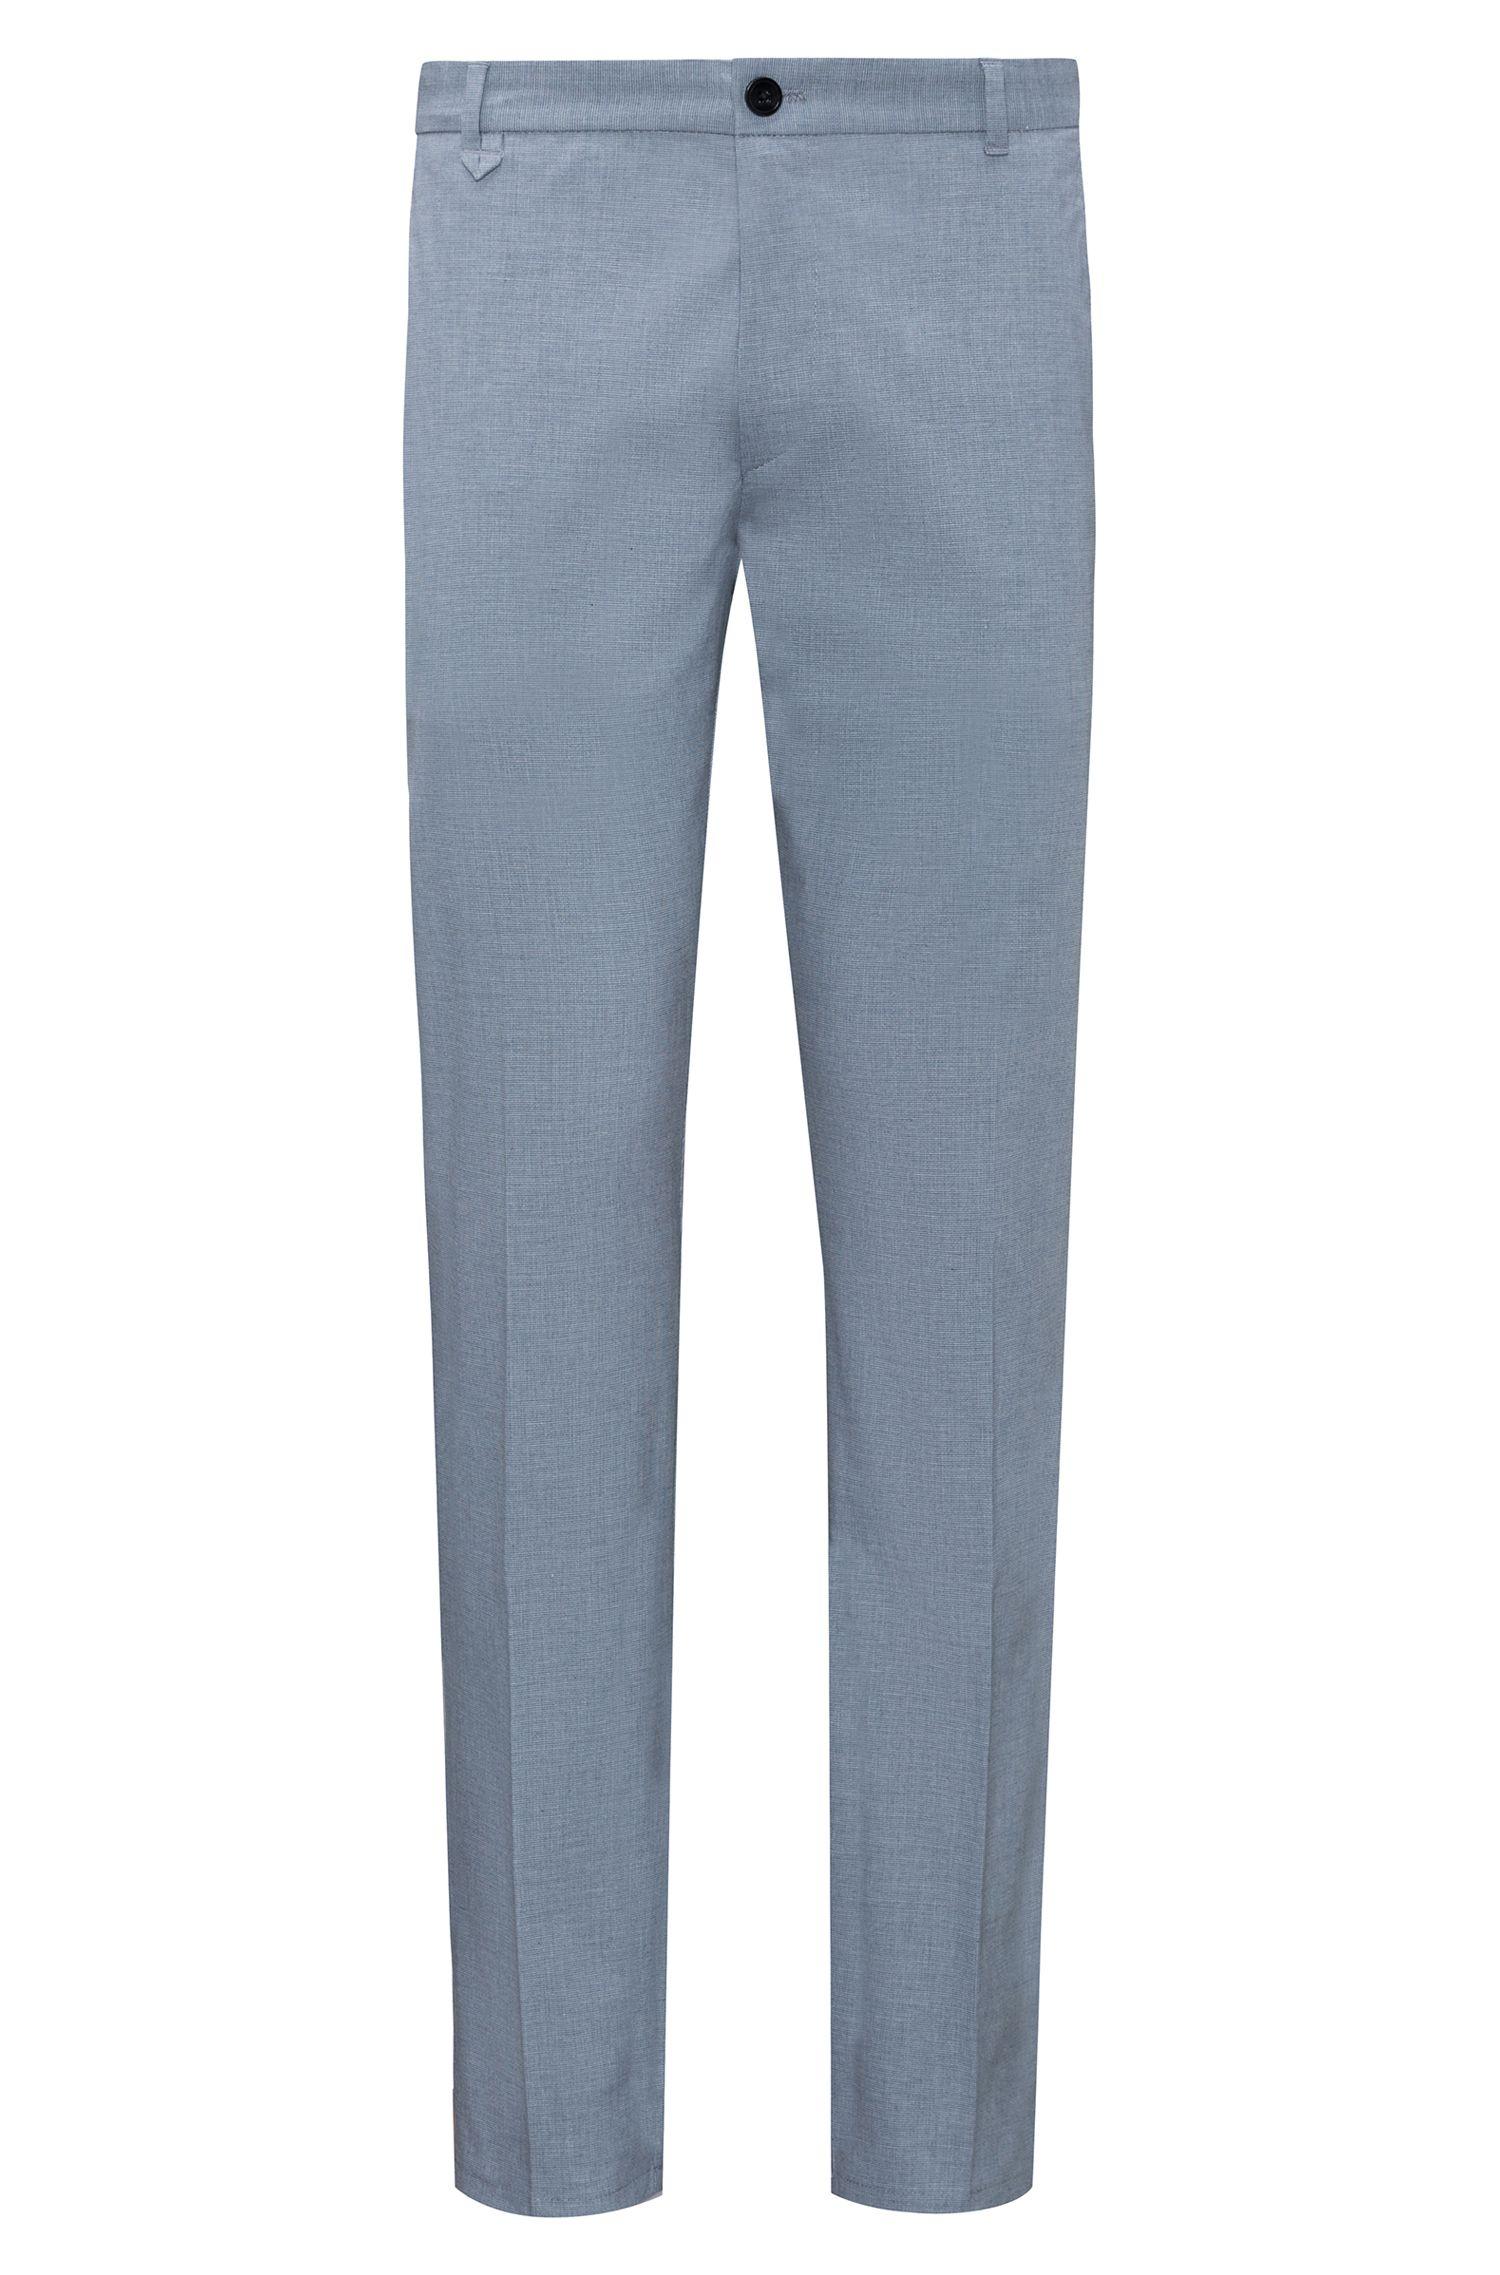 Pantalones extra slim fit en algodón elástico con microestructura